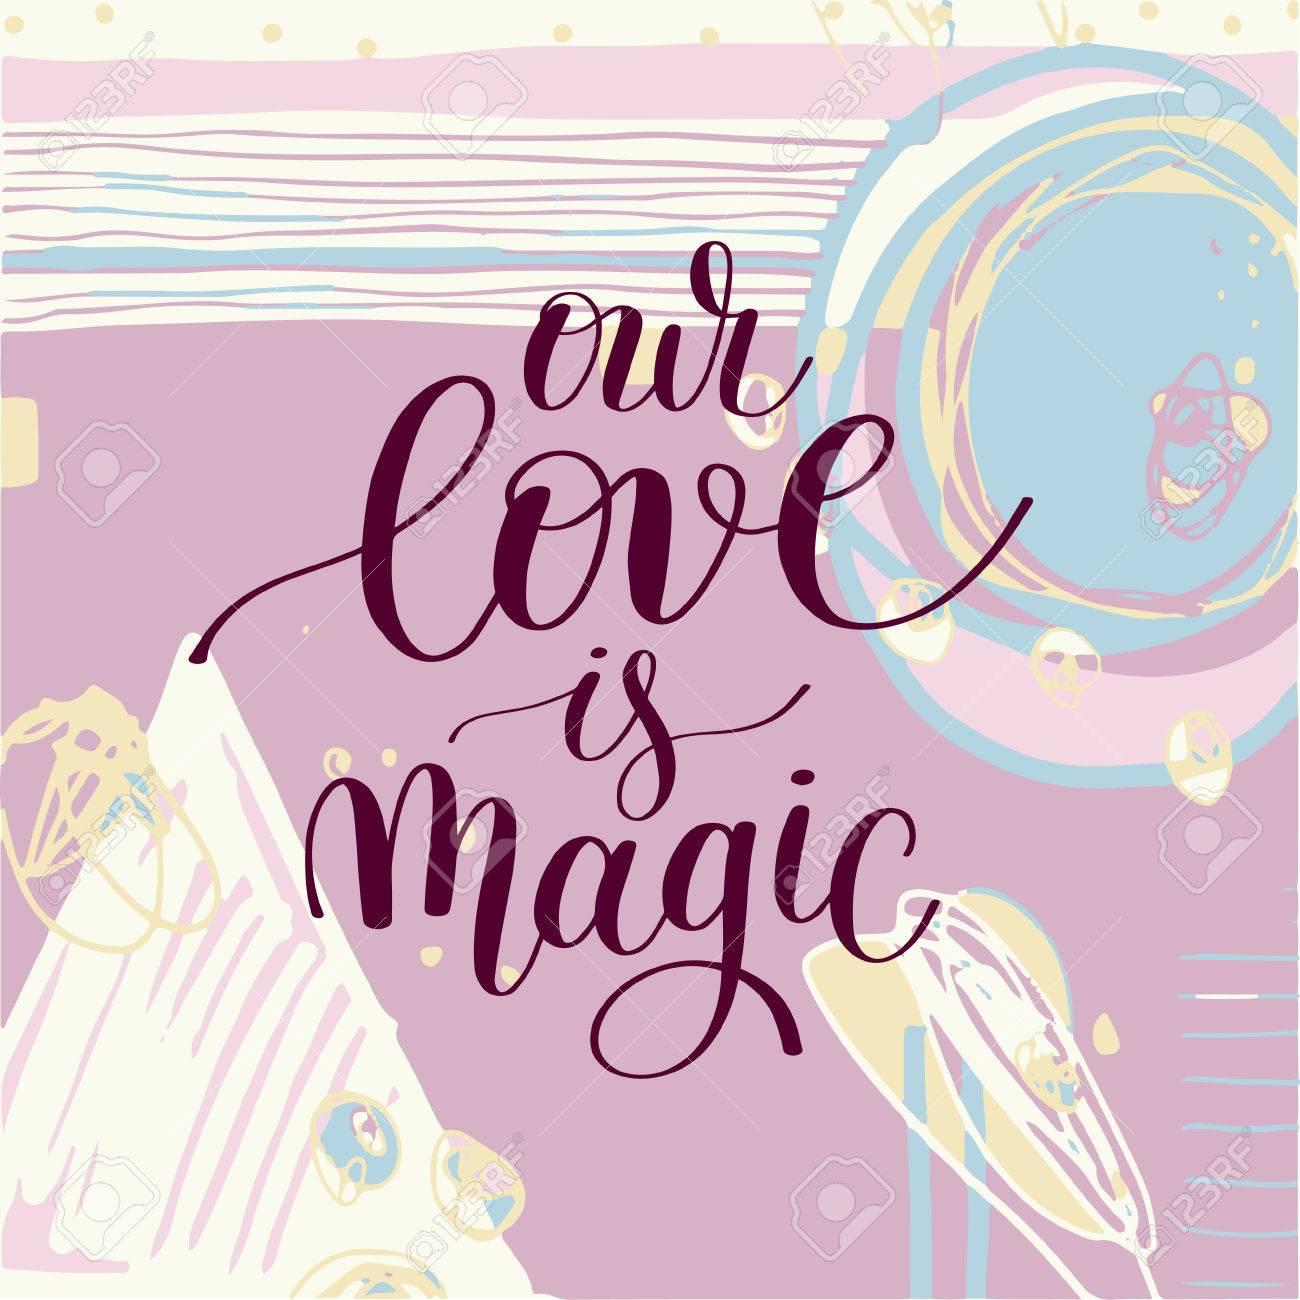 Unsere Liebe Ist Magie Handgeschriebener Buchstaben Zitat über Die ...